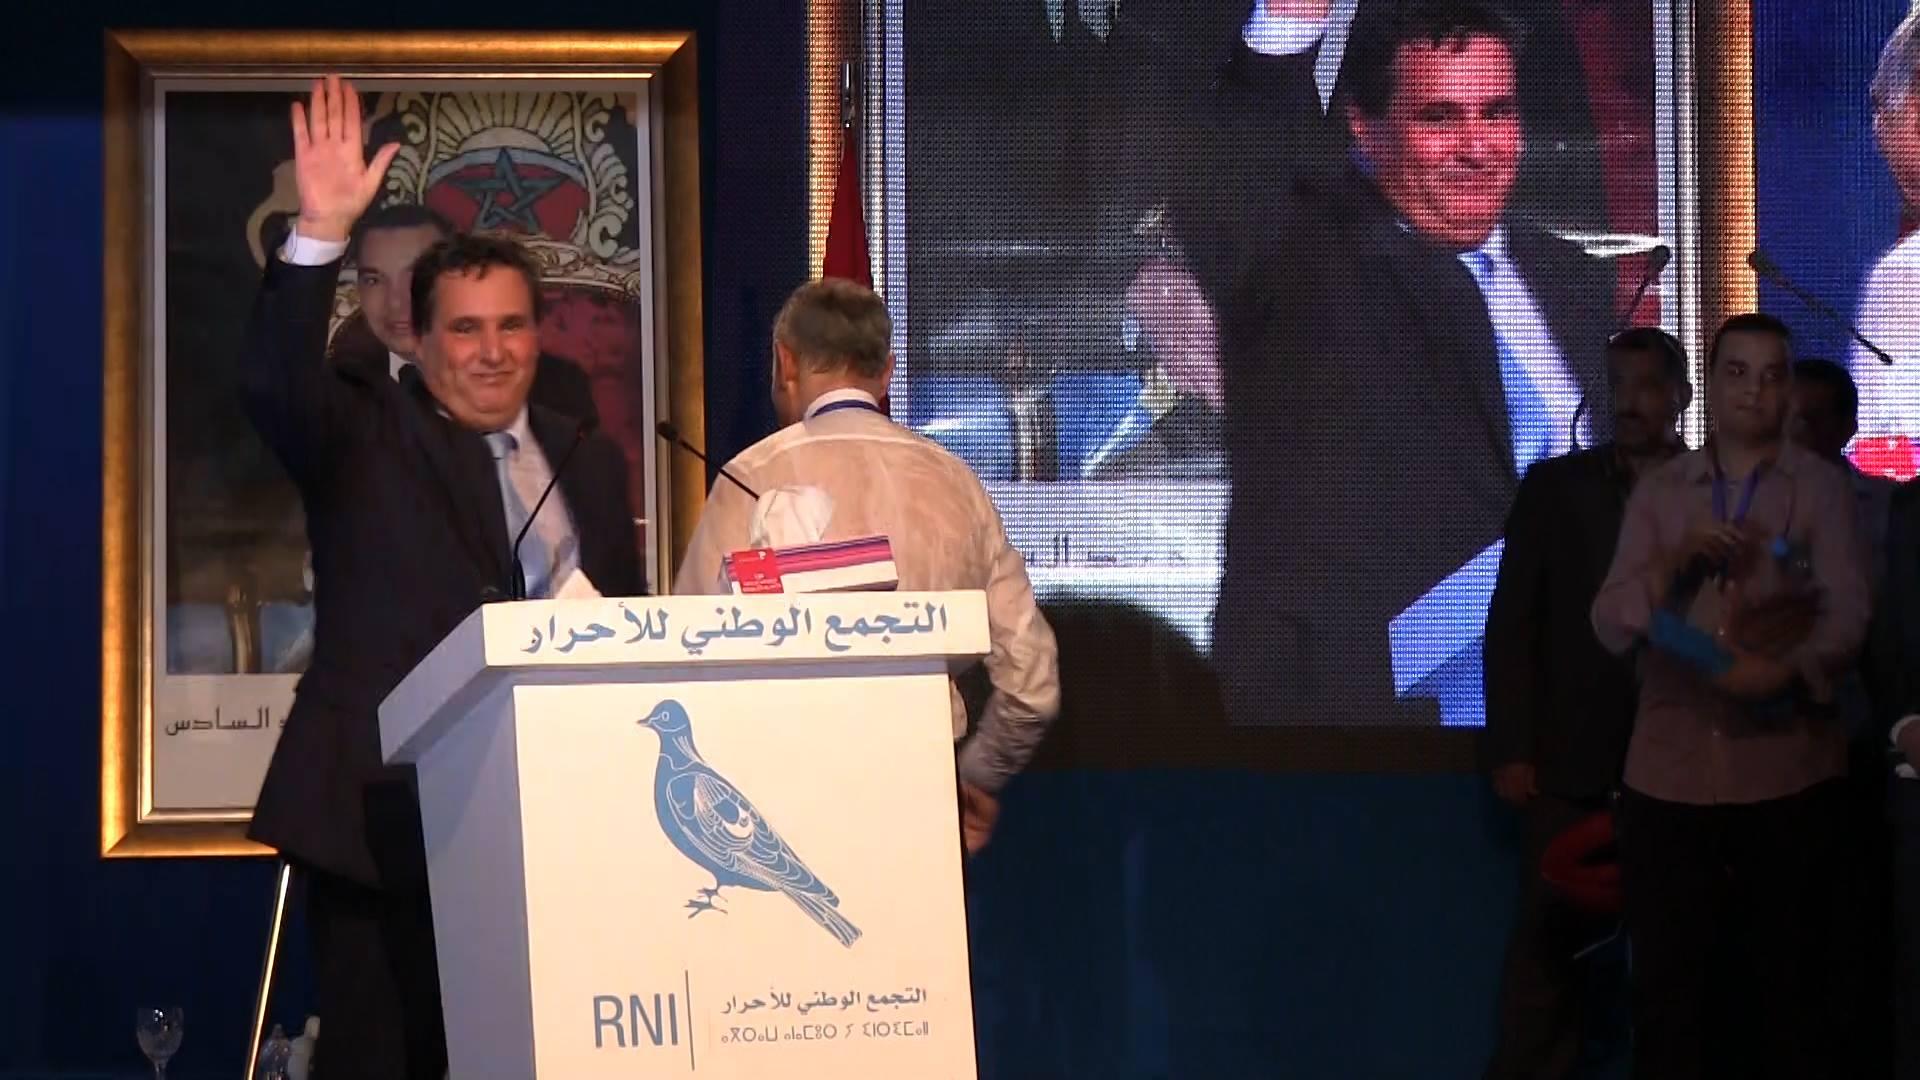 أخنوش : يجب العمل بجدية لاسترجاع ثقة المغاربة